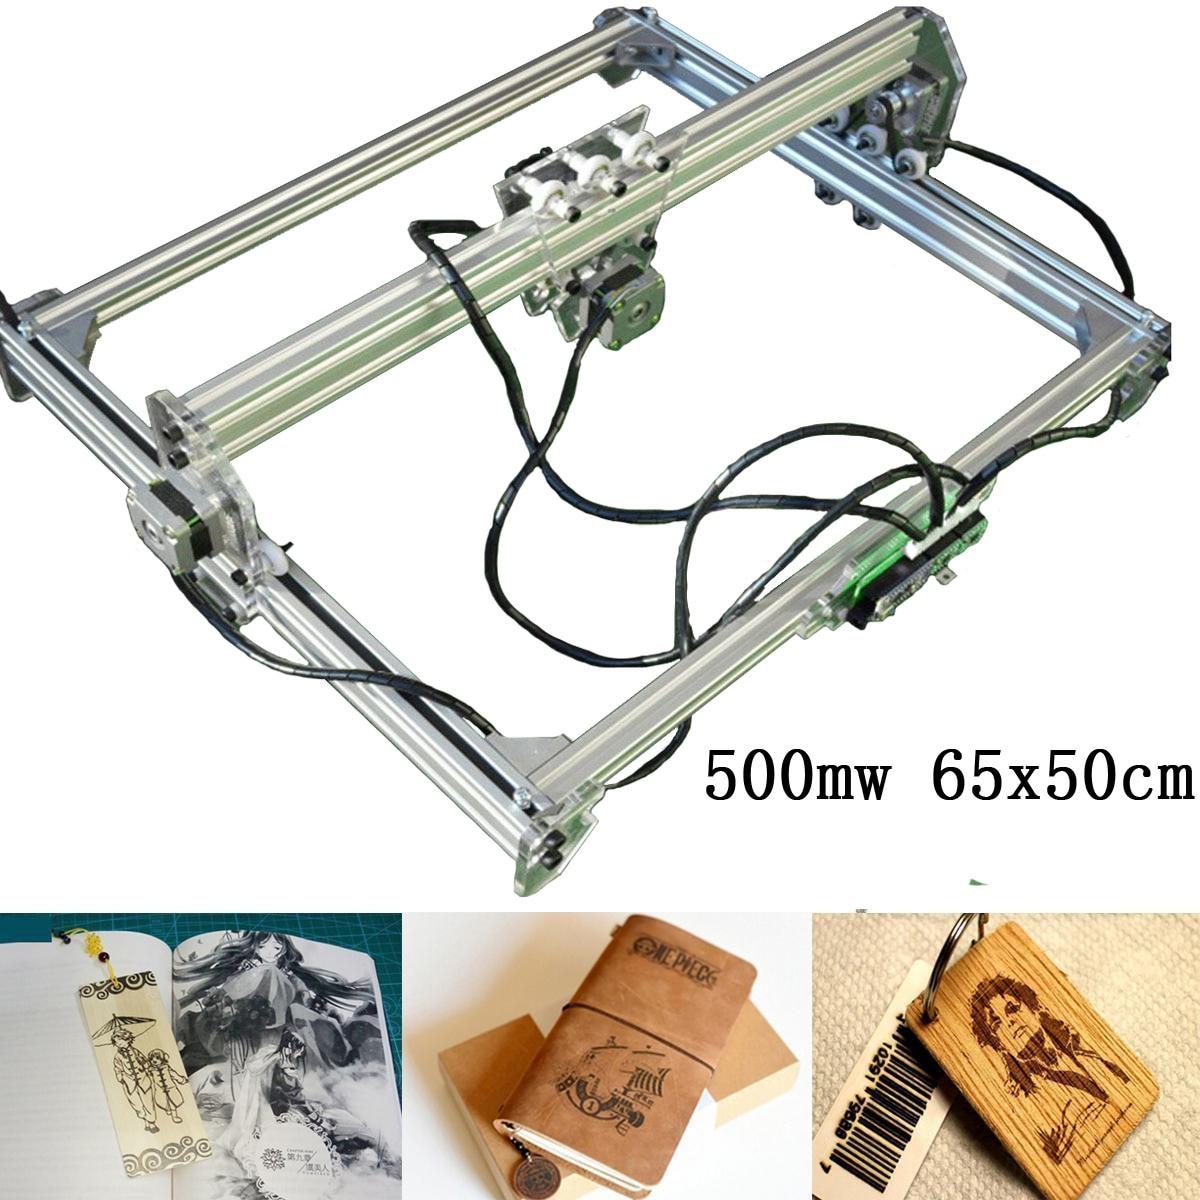 65x50cm 500mw DC 12V Laser Gravur Schneiden Maschine DIY Kupferstecher Desktop CNC 2 Achsen Holz router/Cutter/Drucker für Kennzeichnung Logo